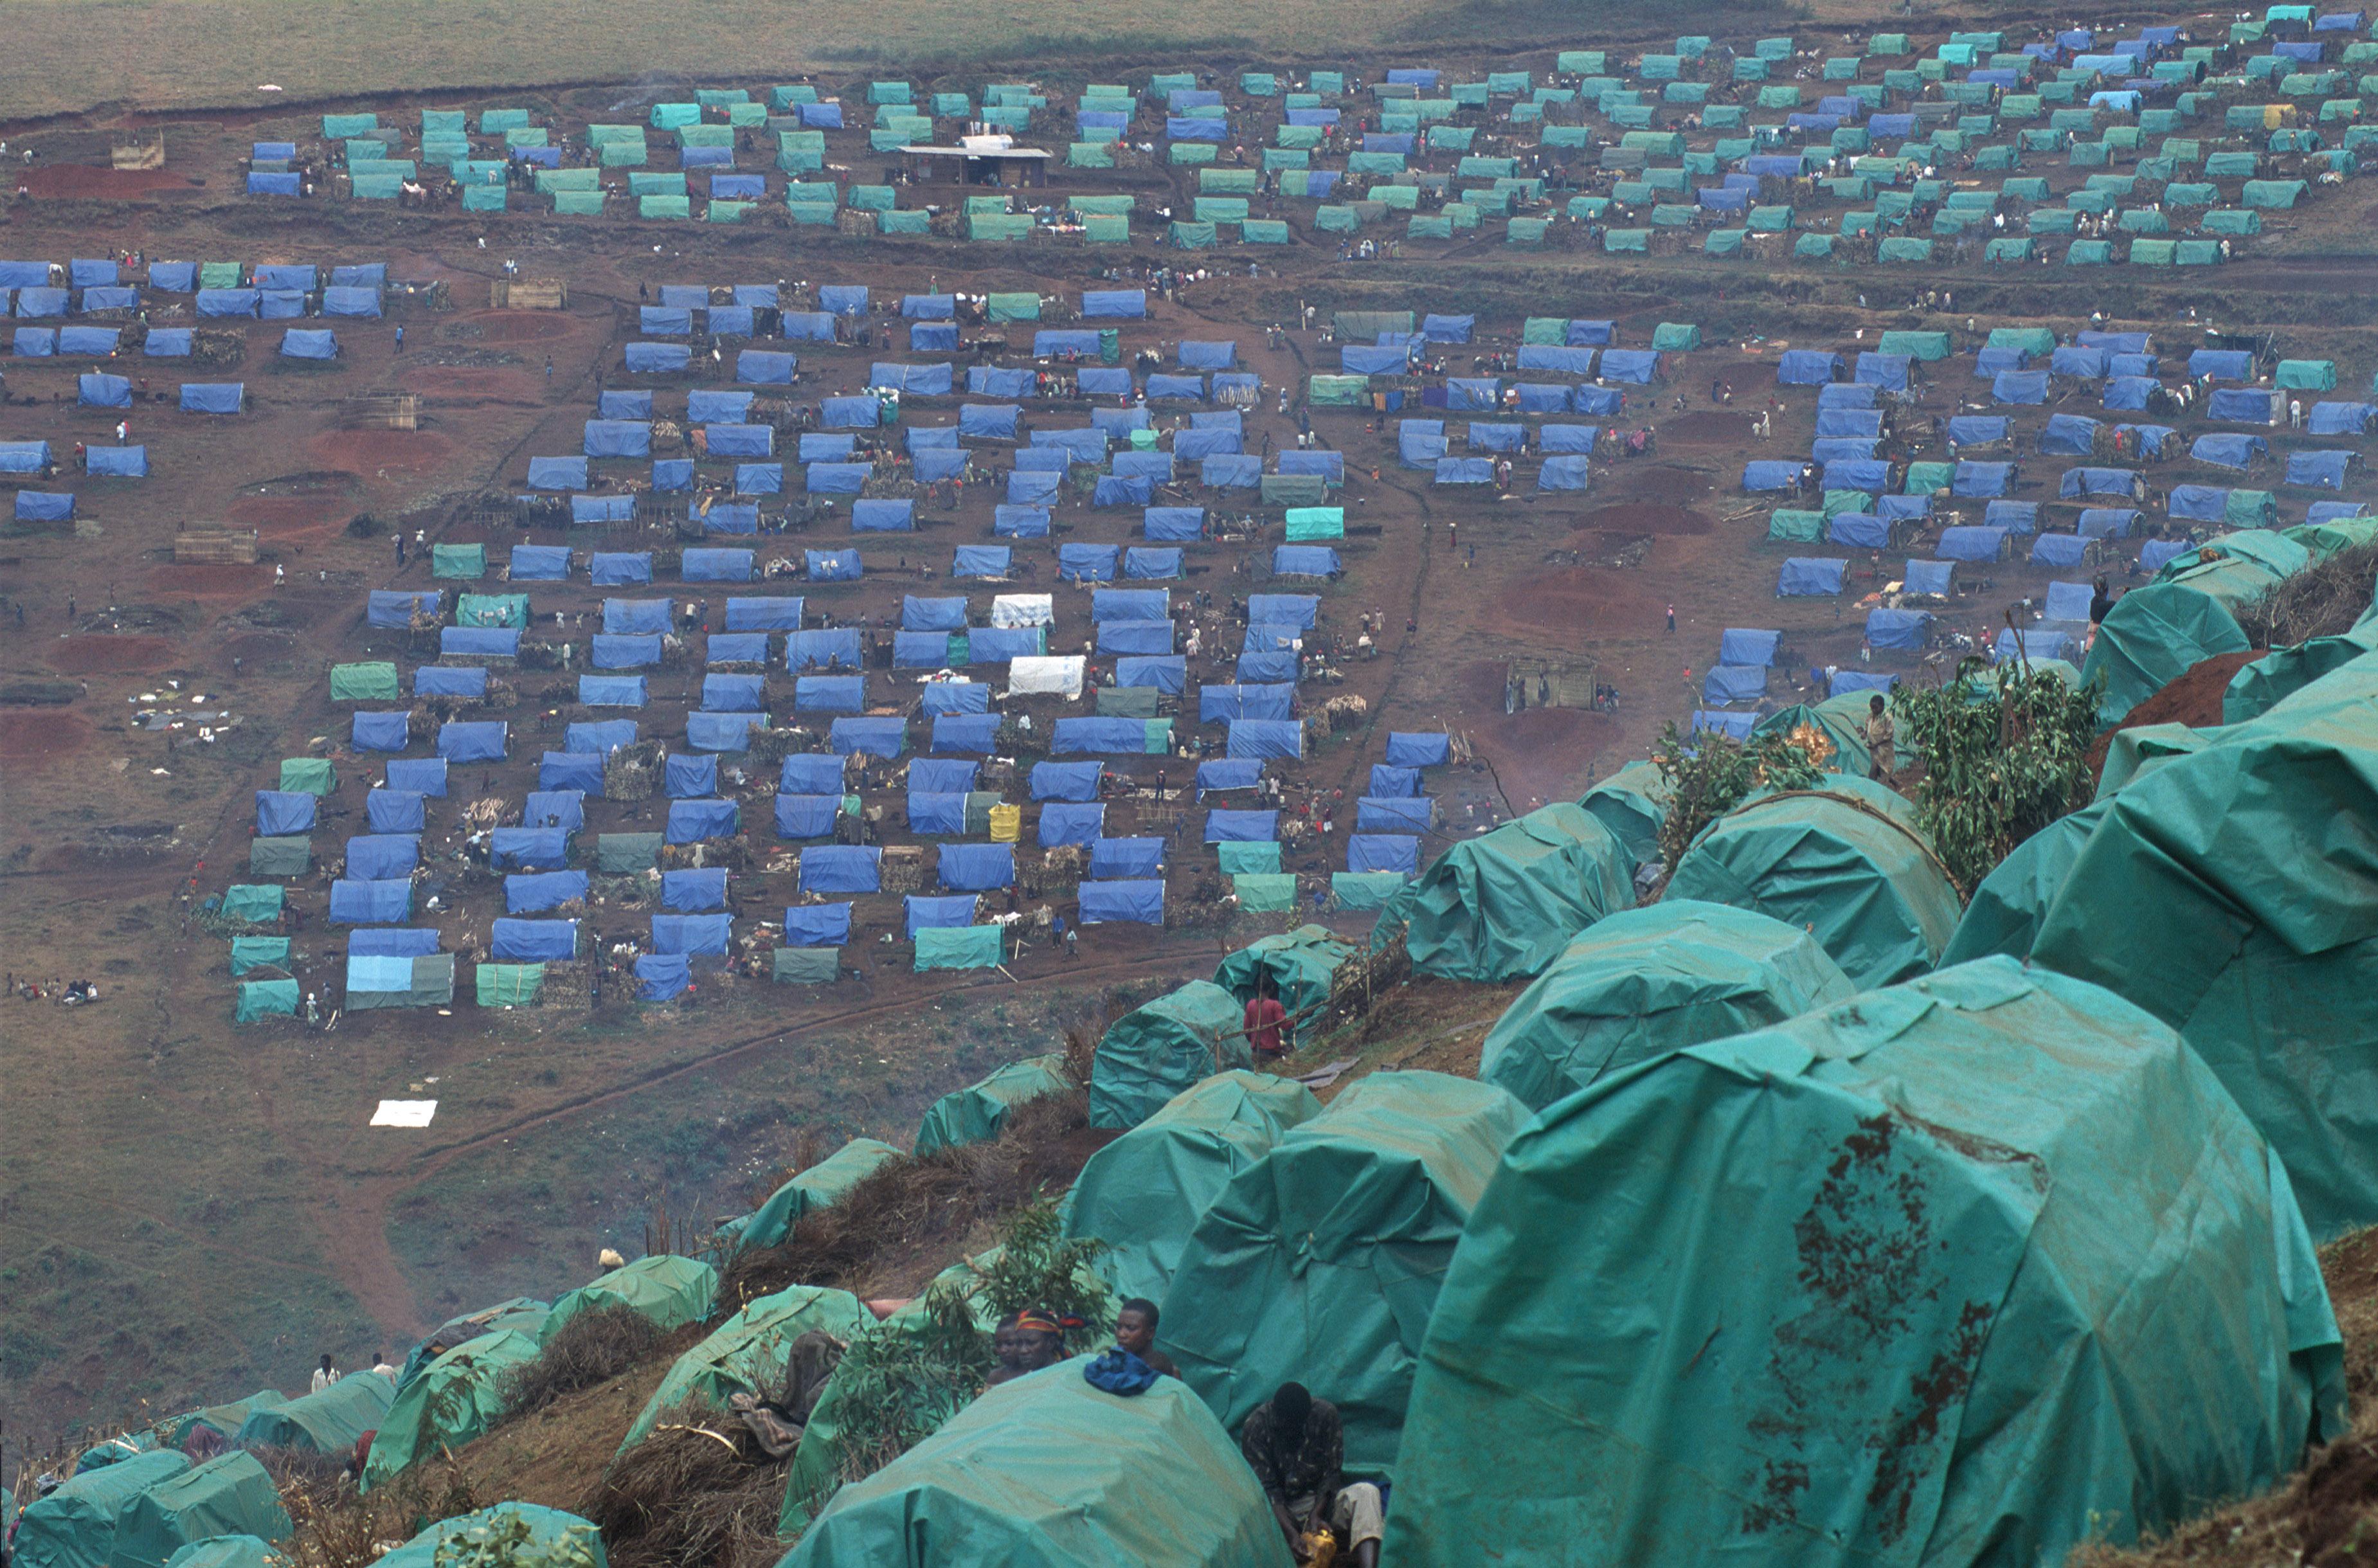 Nyarushishi. Camp de personnes déplacées sous la protection du CICR.